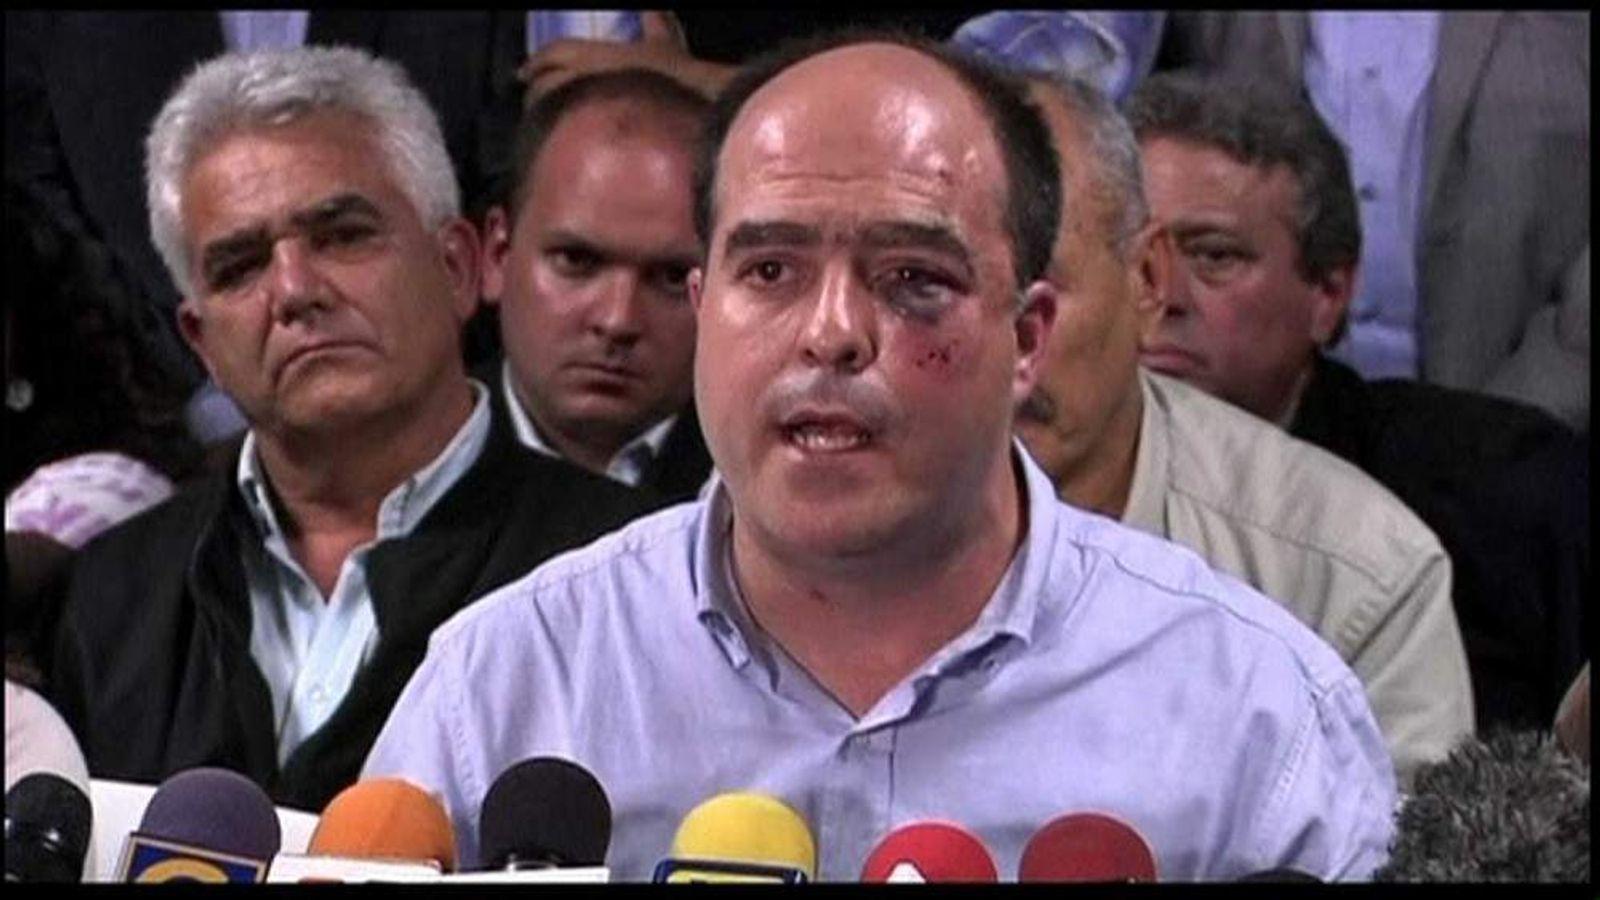 Venezuela Democratic Unity legislator, Julio Borges